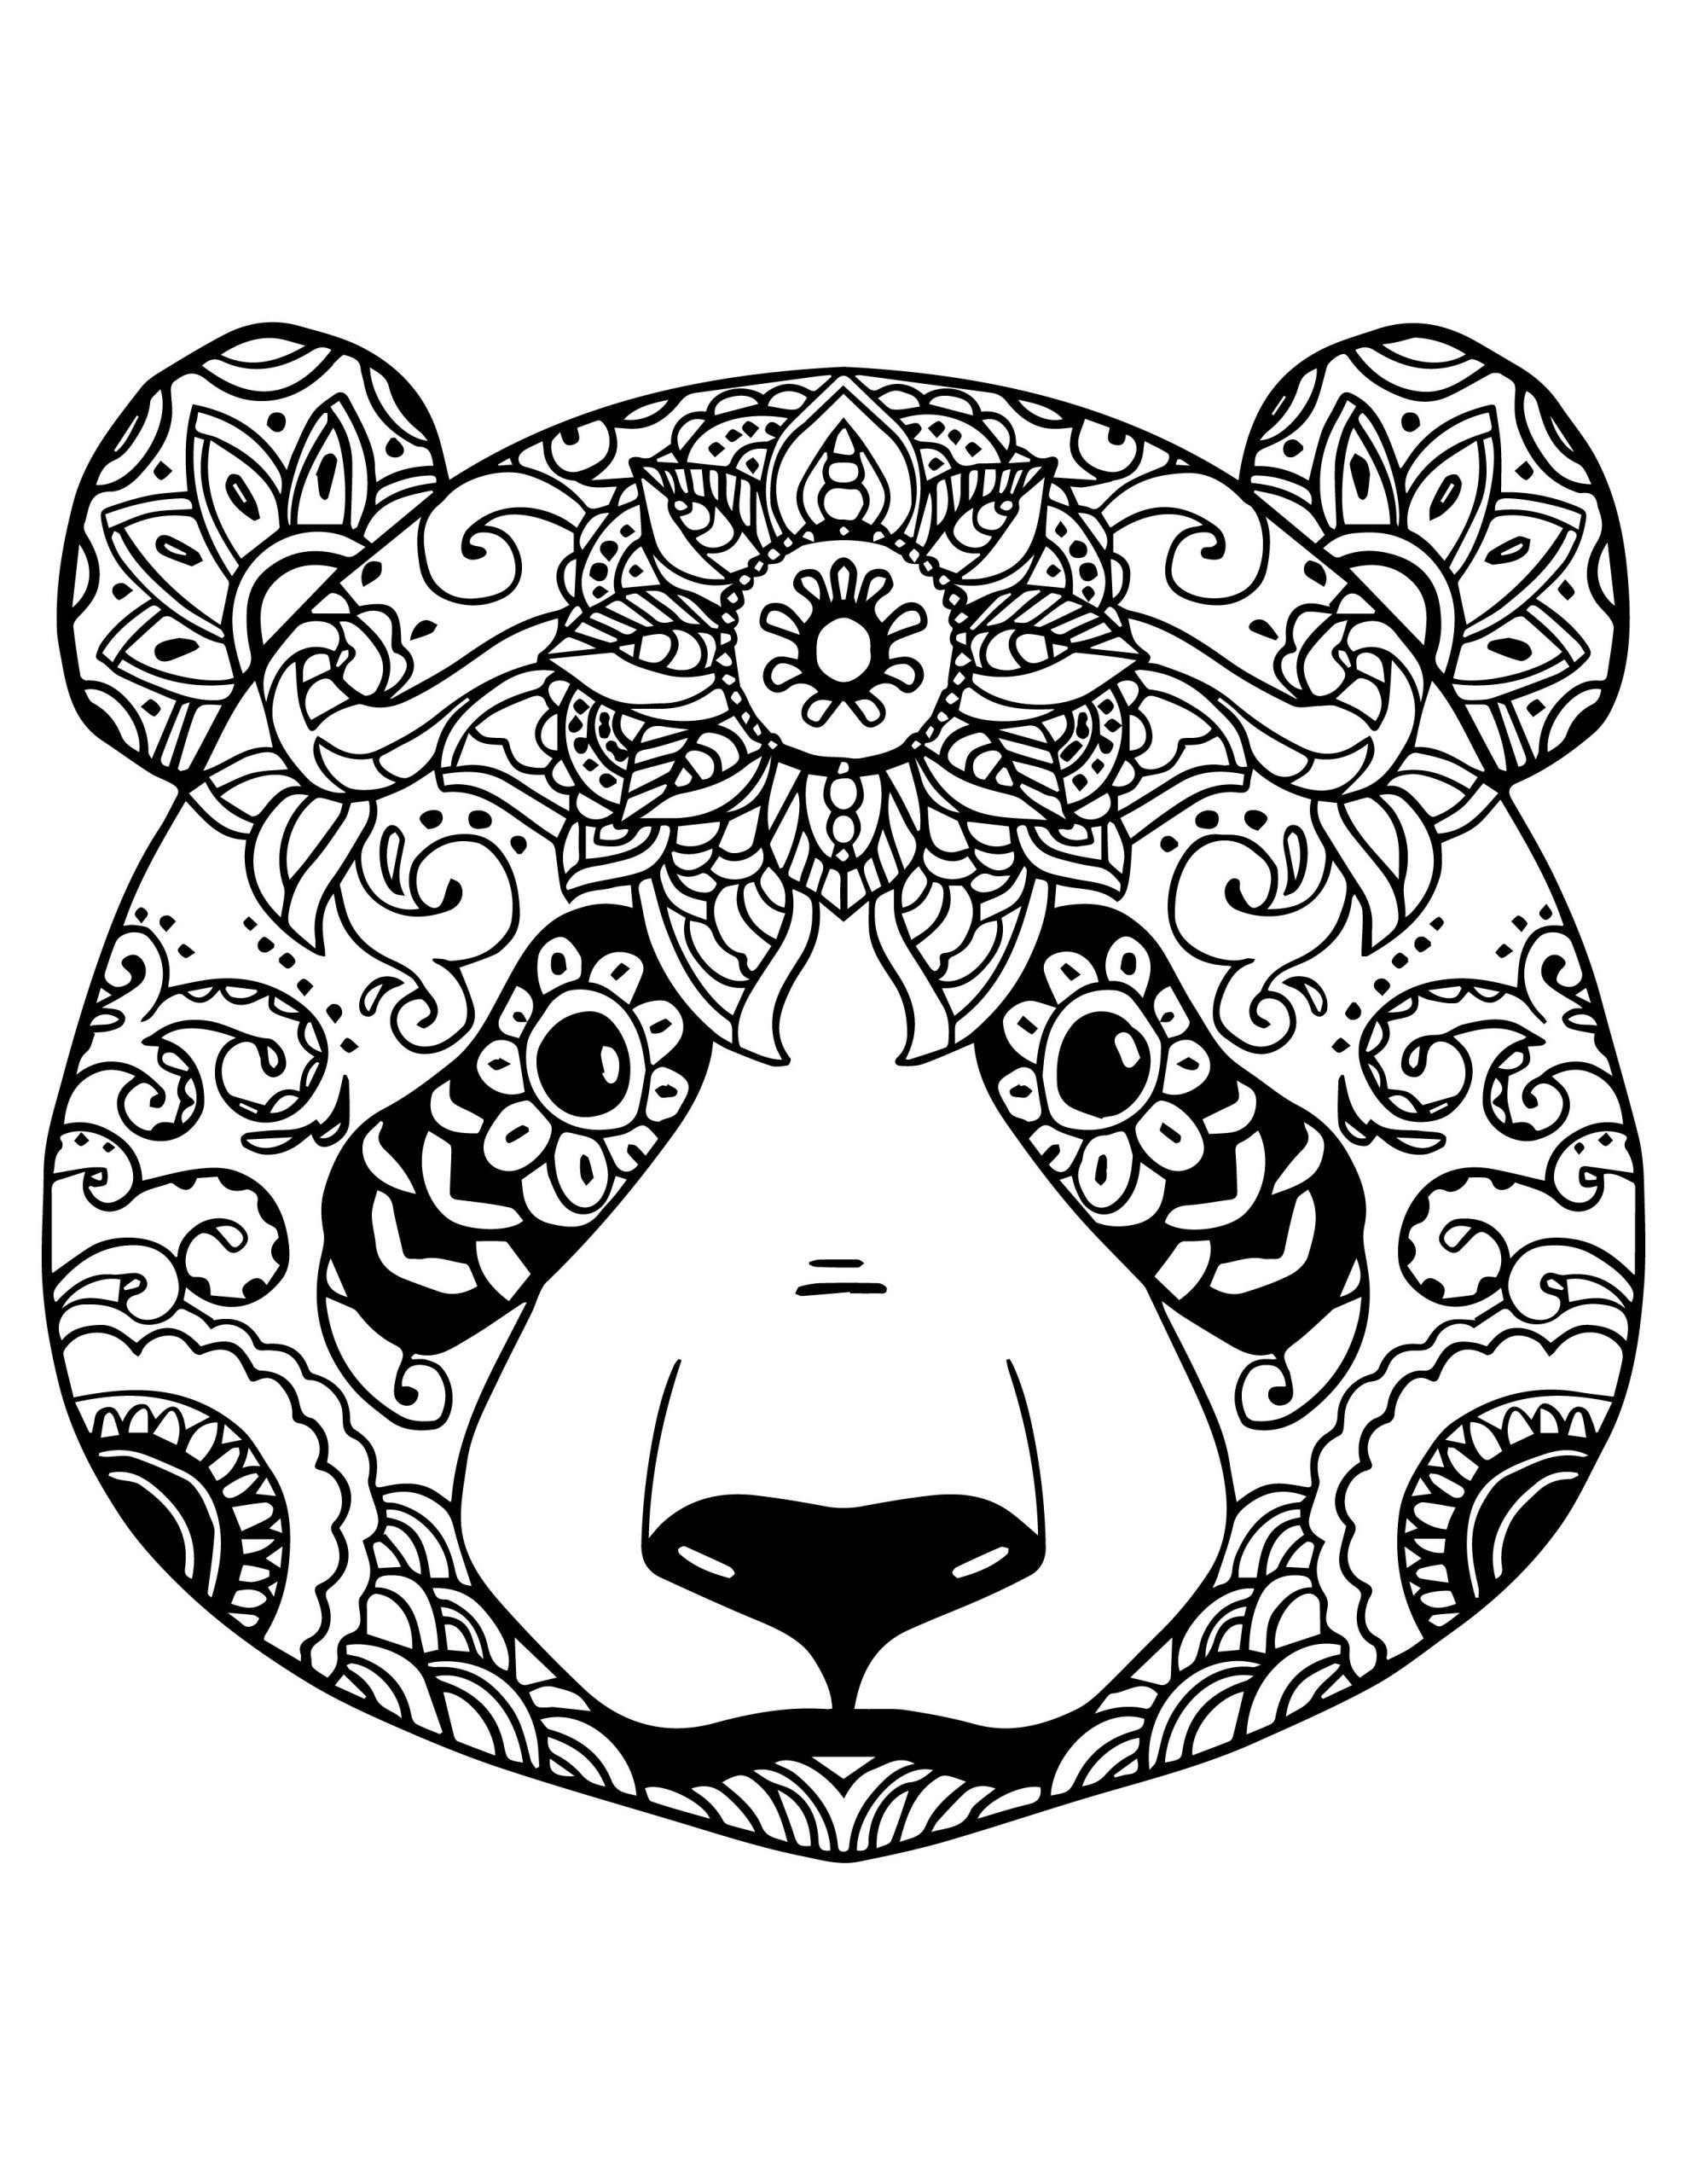 Dessin Imprimer Animaux – Vvivante À Dessin A Colorier D pour Animaux A Dessiner Imprimer